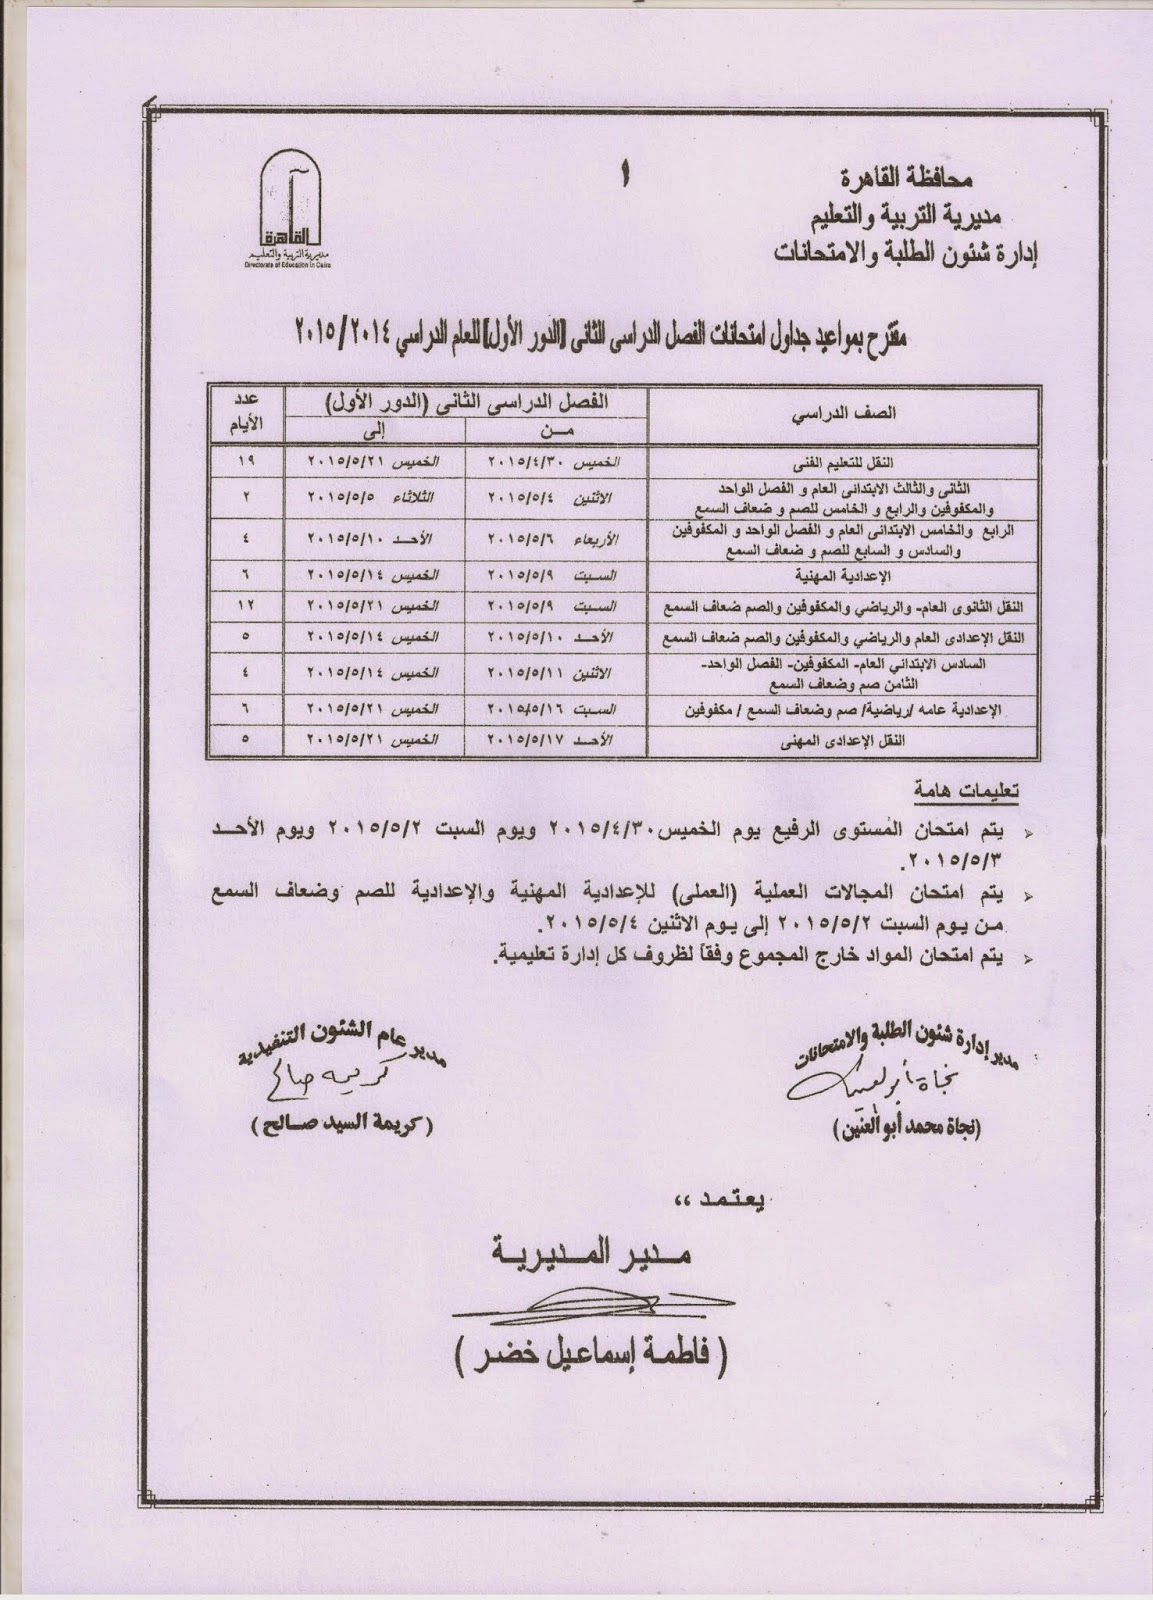 جداول امتحانات القاهرة كل الفرق2015 أخر العام تجمع+كل+الق